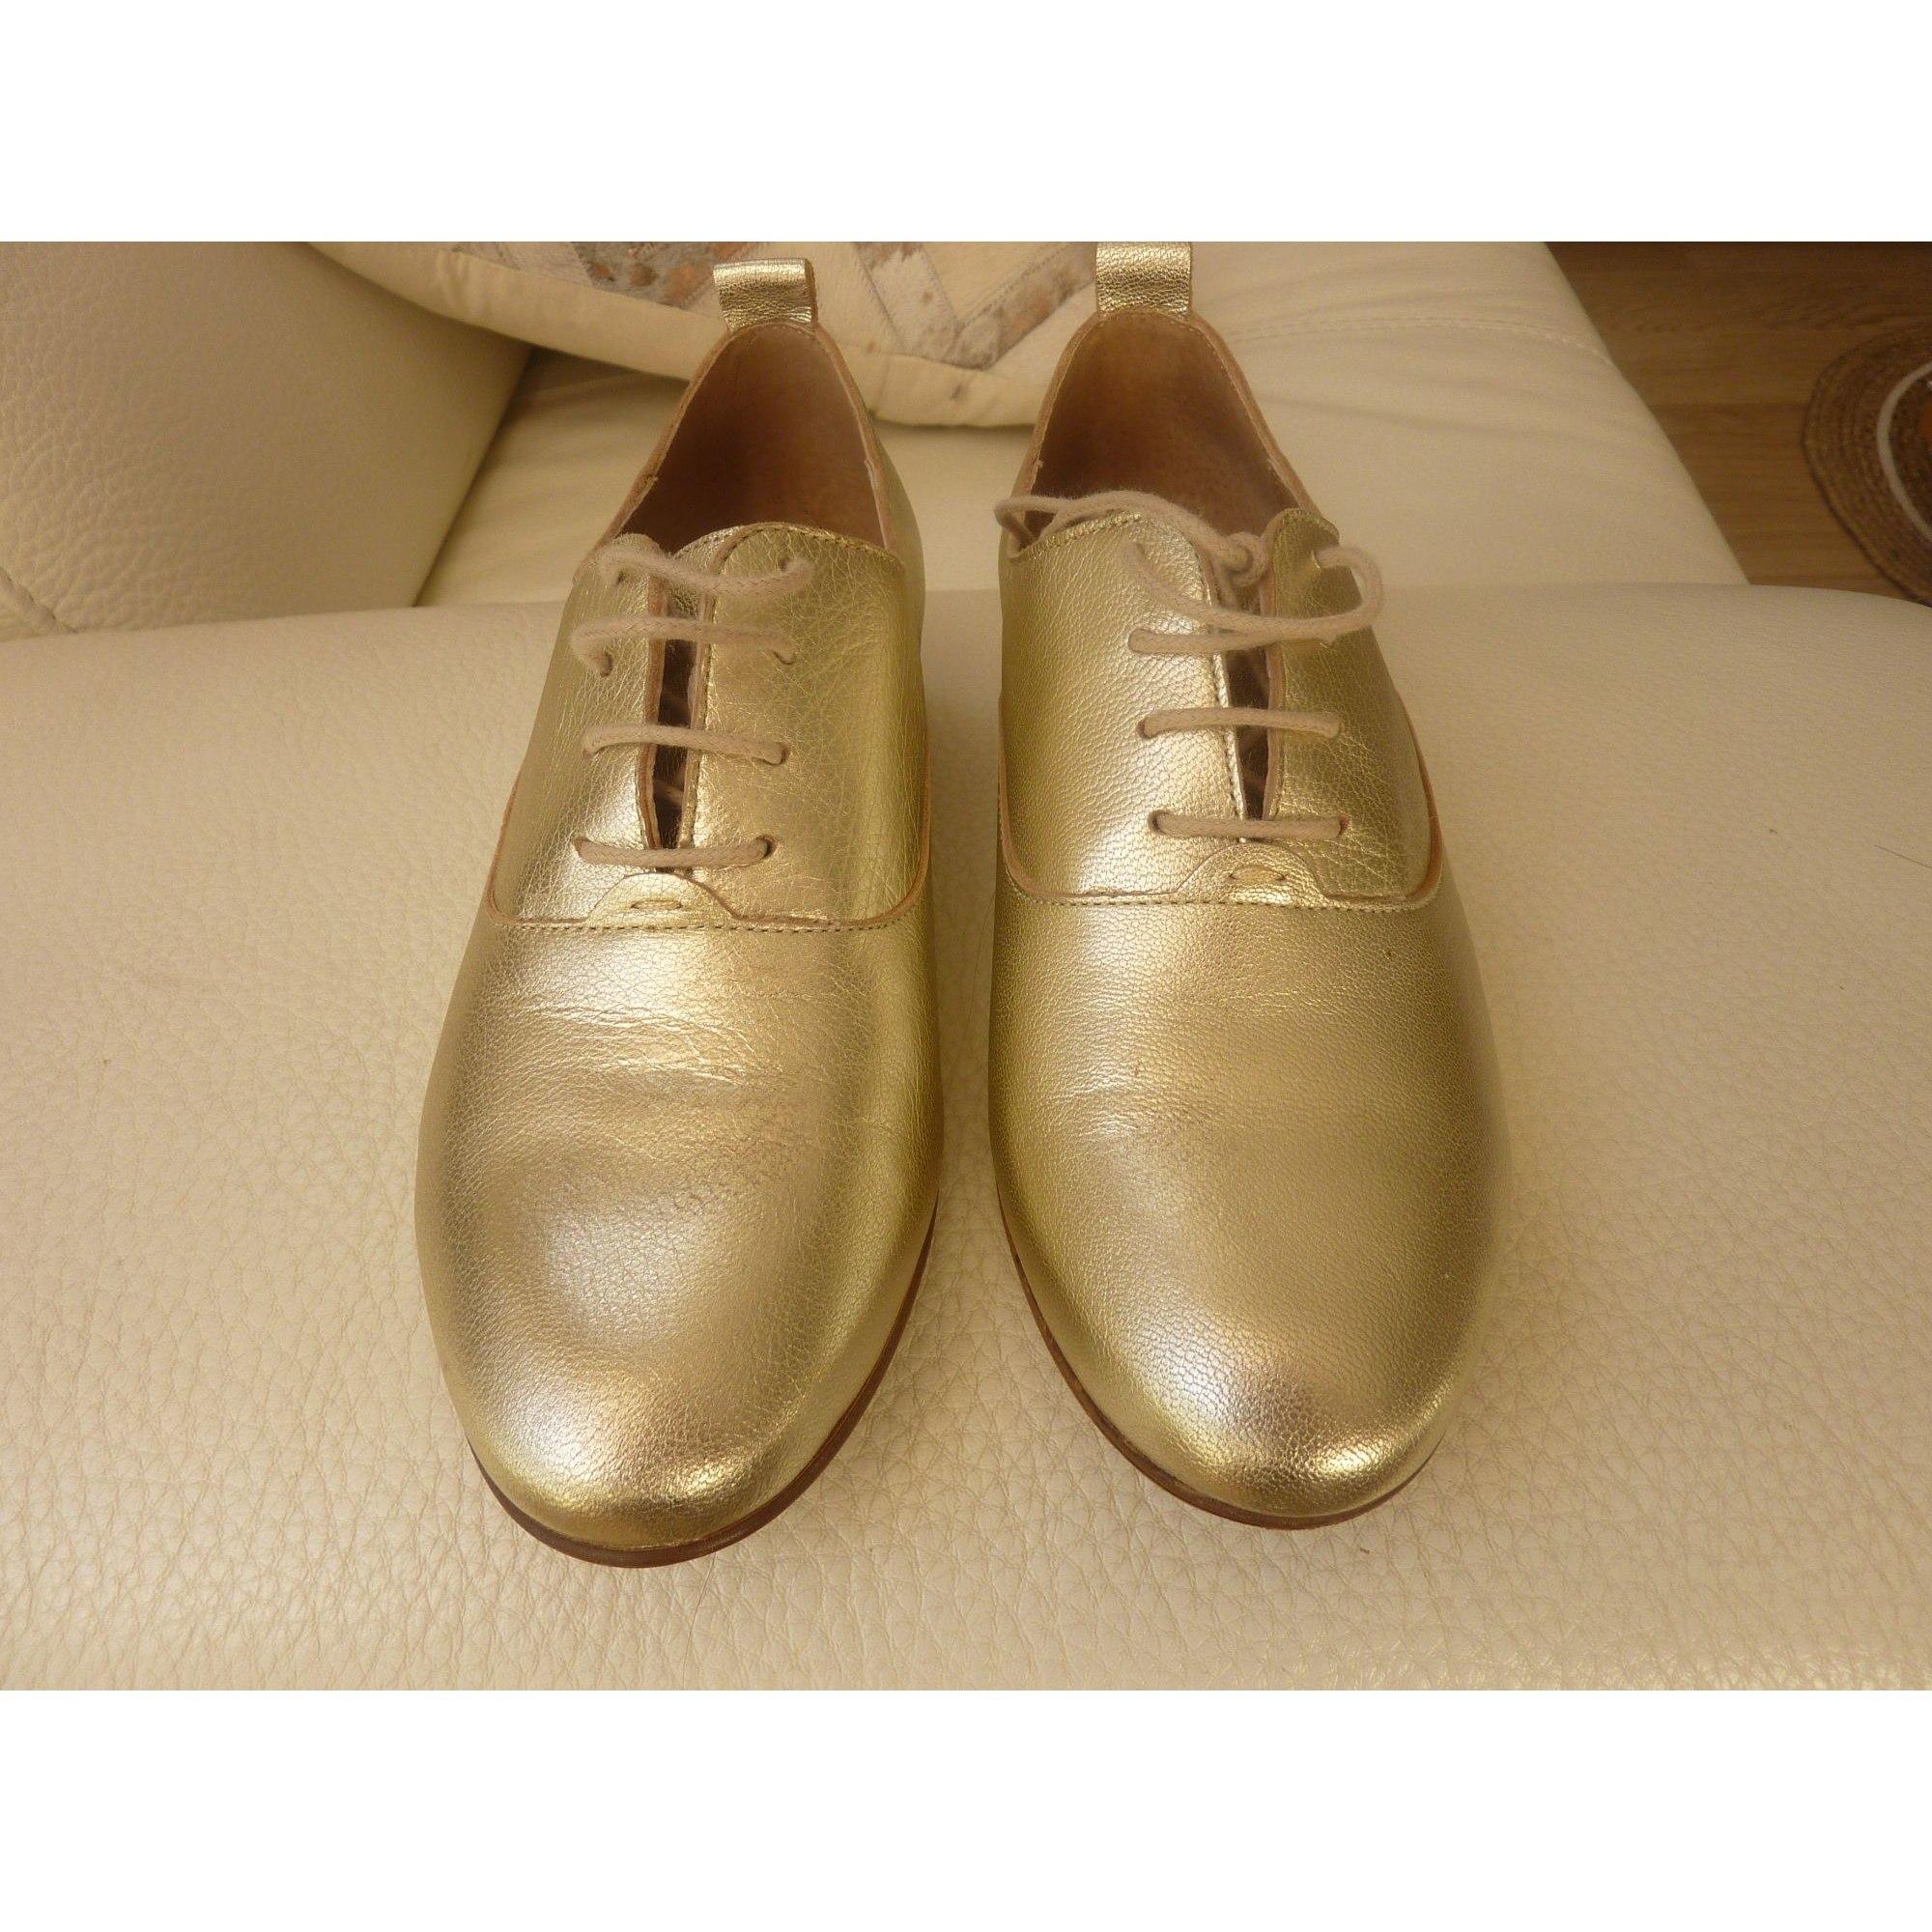 Chaussures à lacets  BURTON Doré, bronze, cuivre